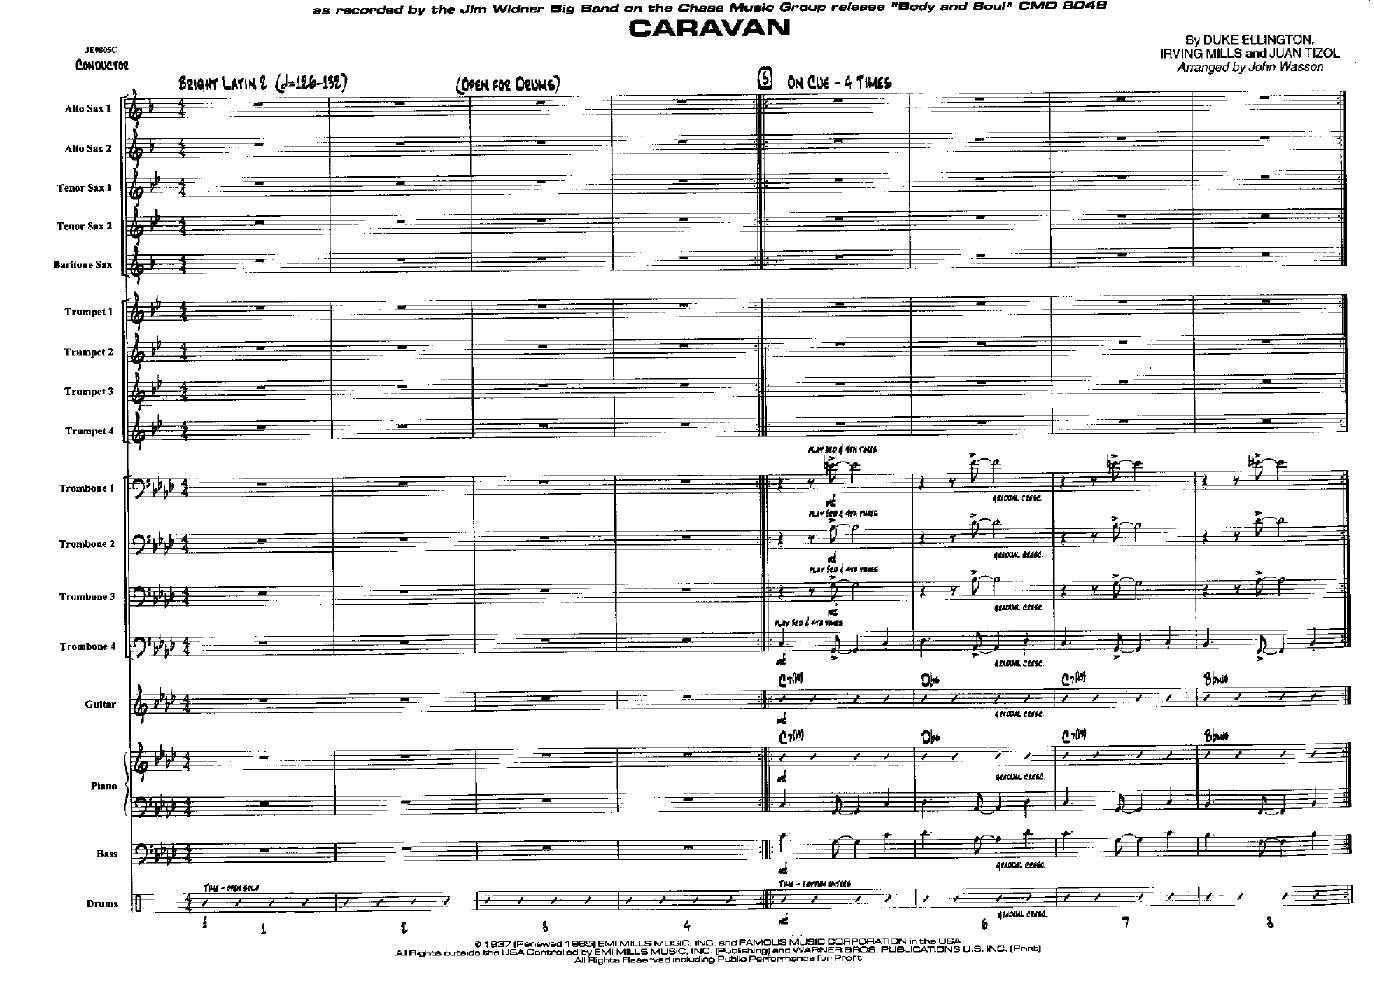 Caravan by Duke Ellington/arr  John Wasson| J W  Pepper